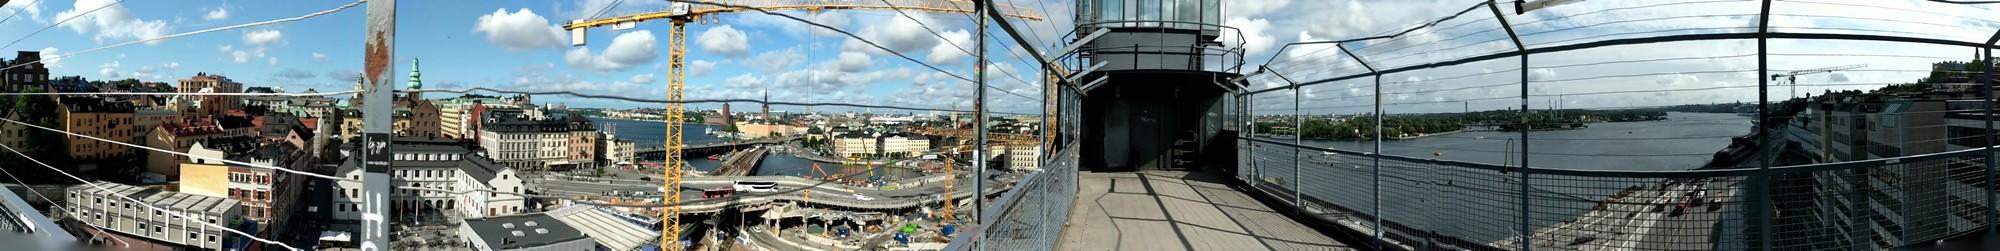 Gondolen Estocolmo